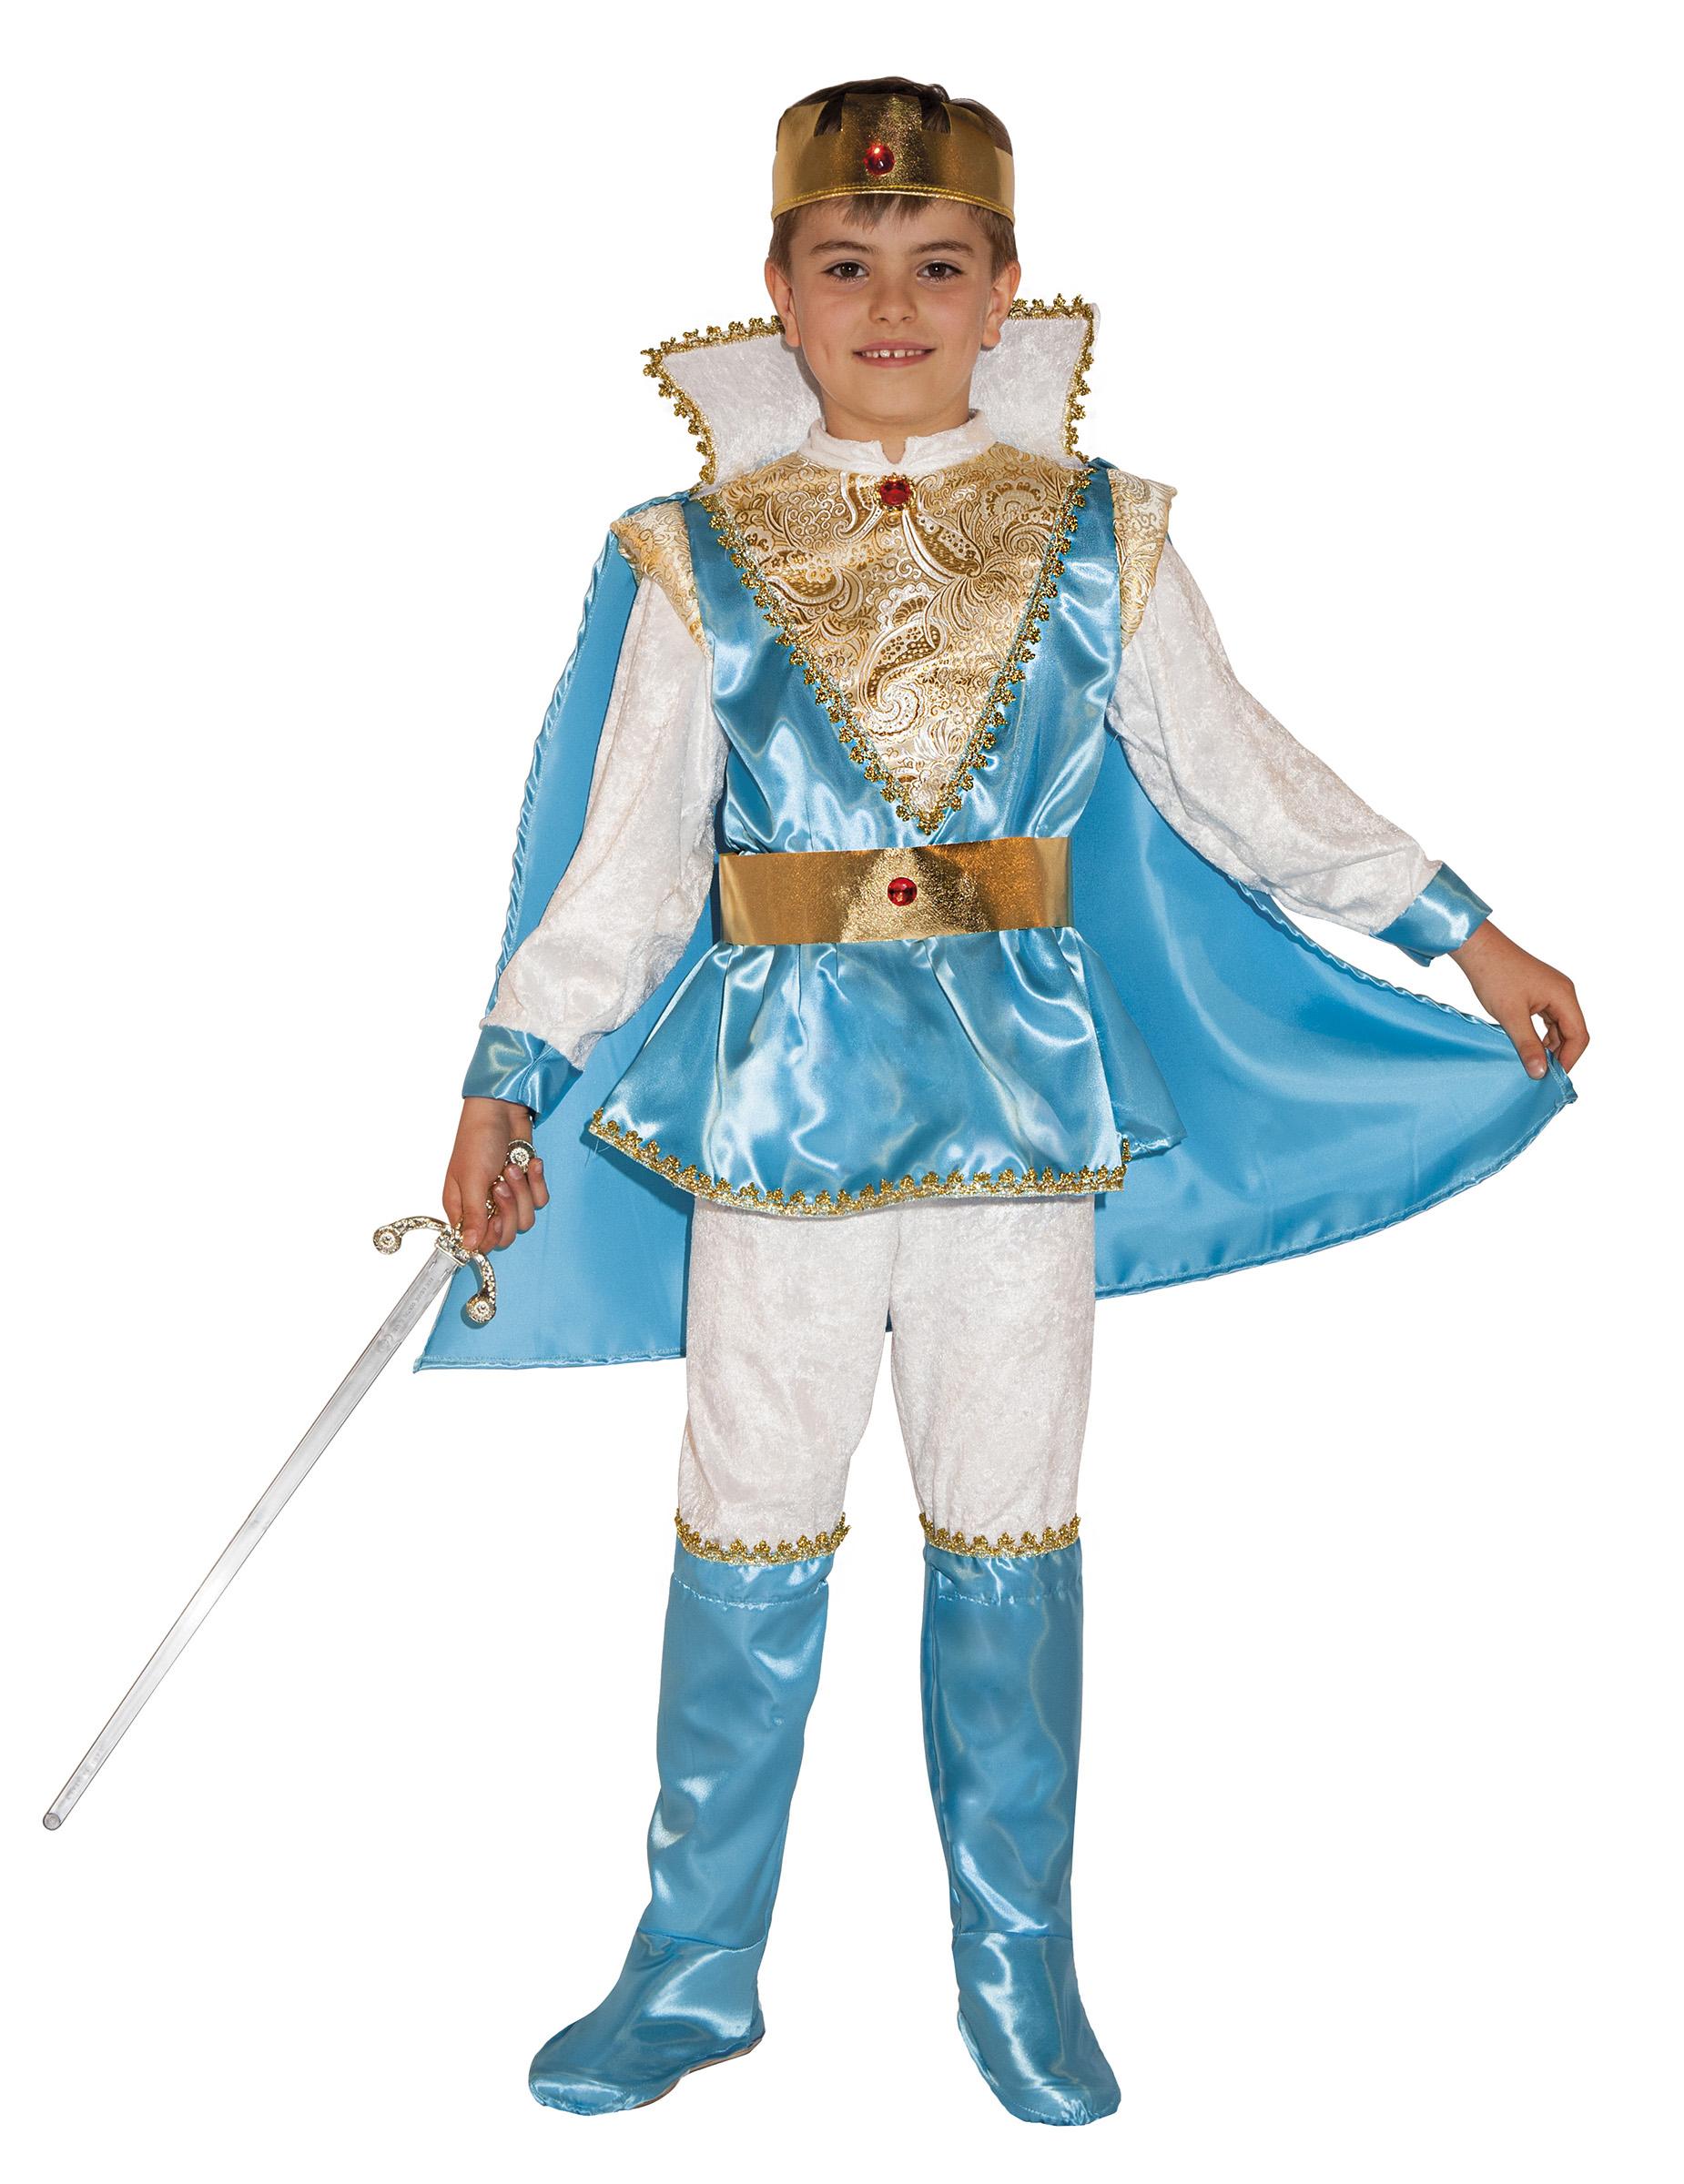 Costume da principe azzurro per bambino costumi bambini e - Costume da bagno bambino ...